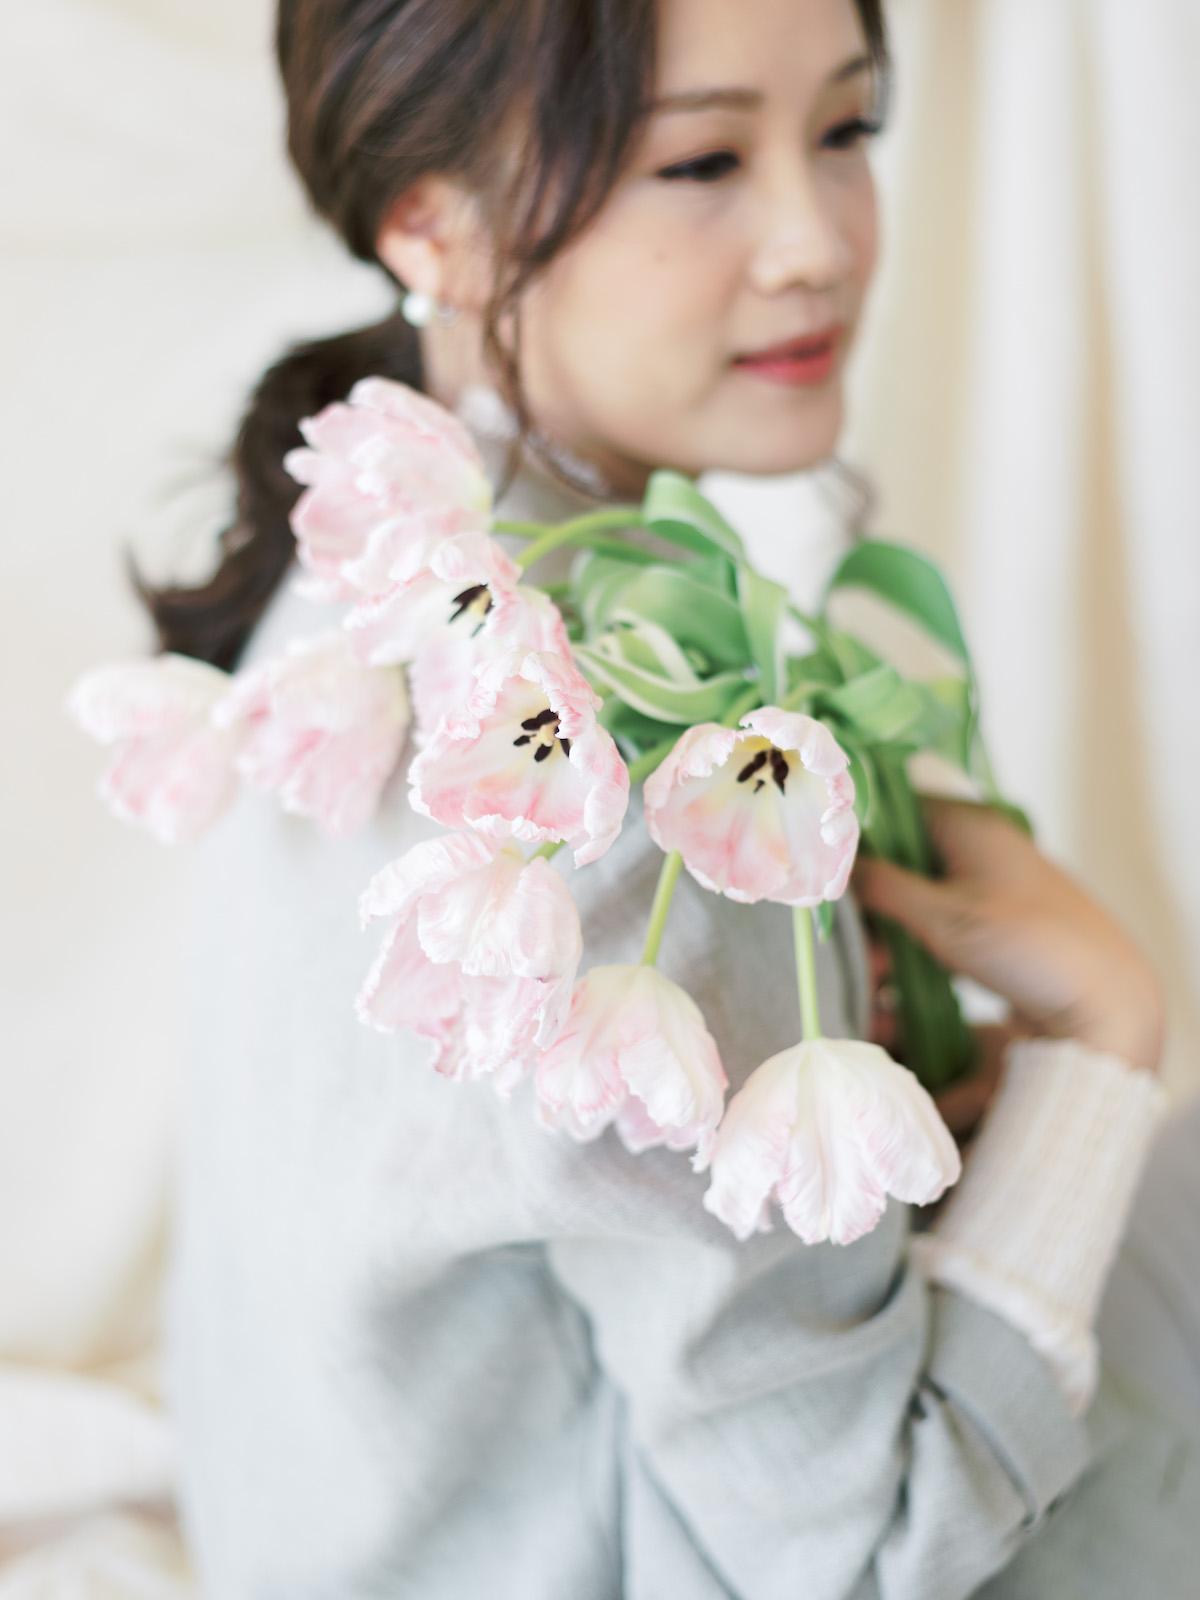 olea-and-fig-blooming-wed-brand-shoot-99.jpg